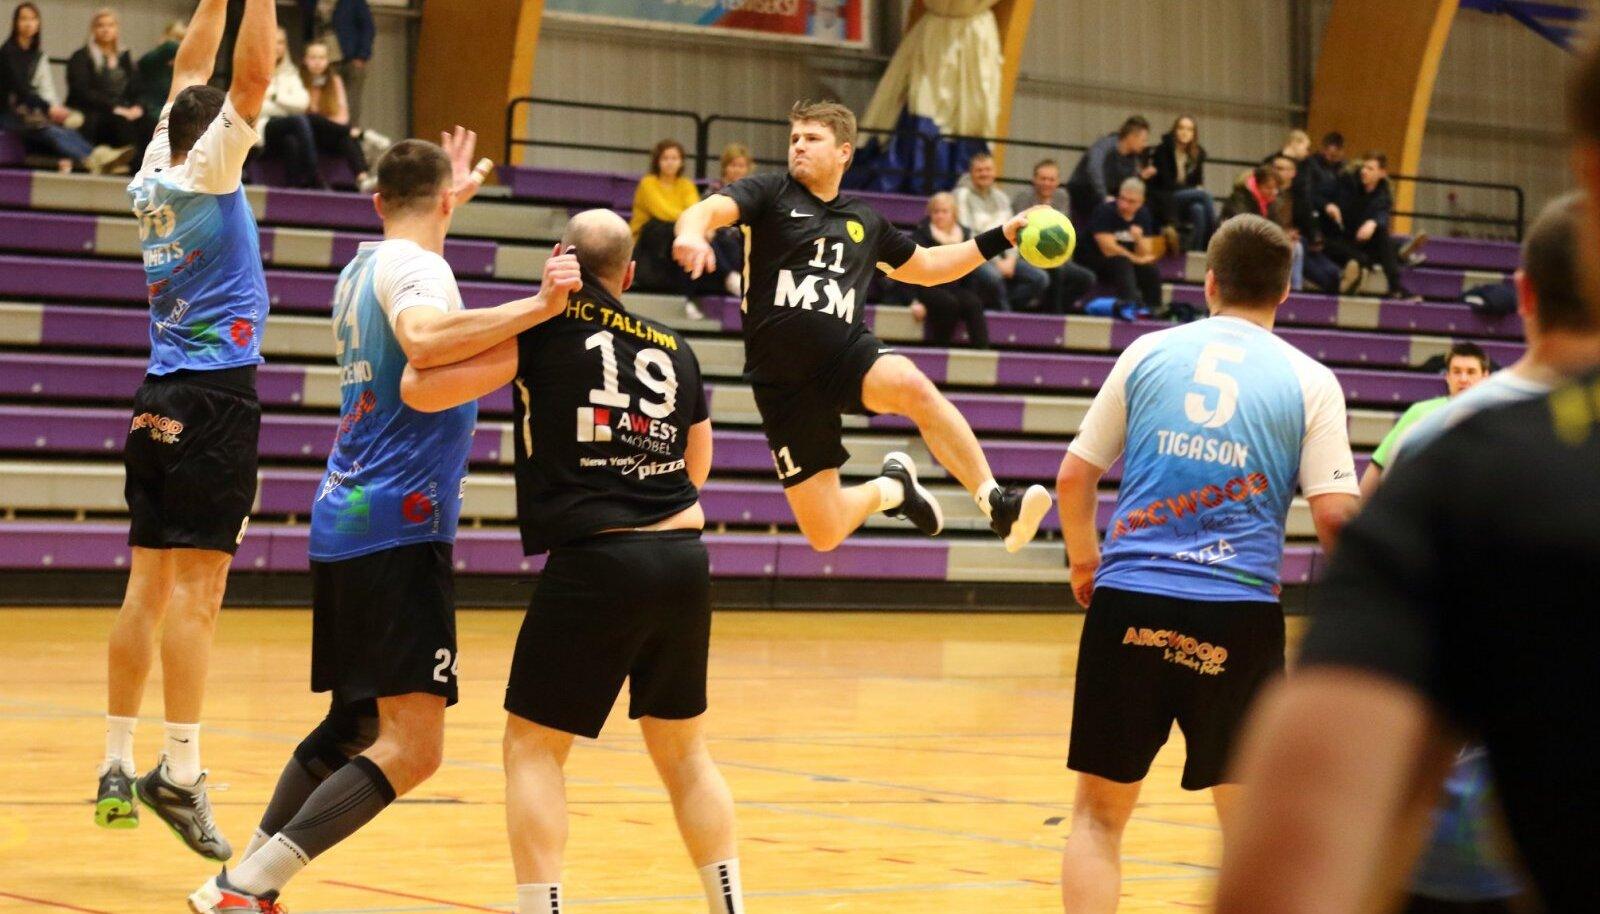 Hetk ühest viimasest mängust poolikuks jäänud eelmisel hooajal, vastamisi Põlva/Arcwood ja HC Tallinn 2.